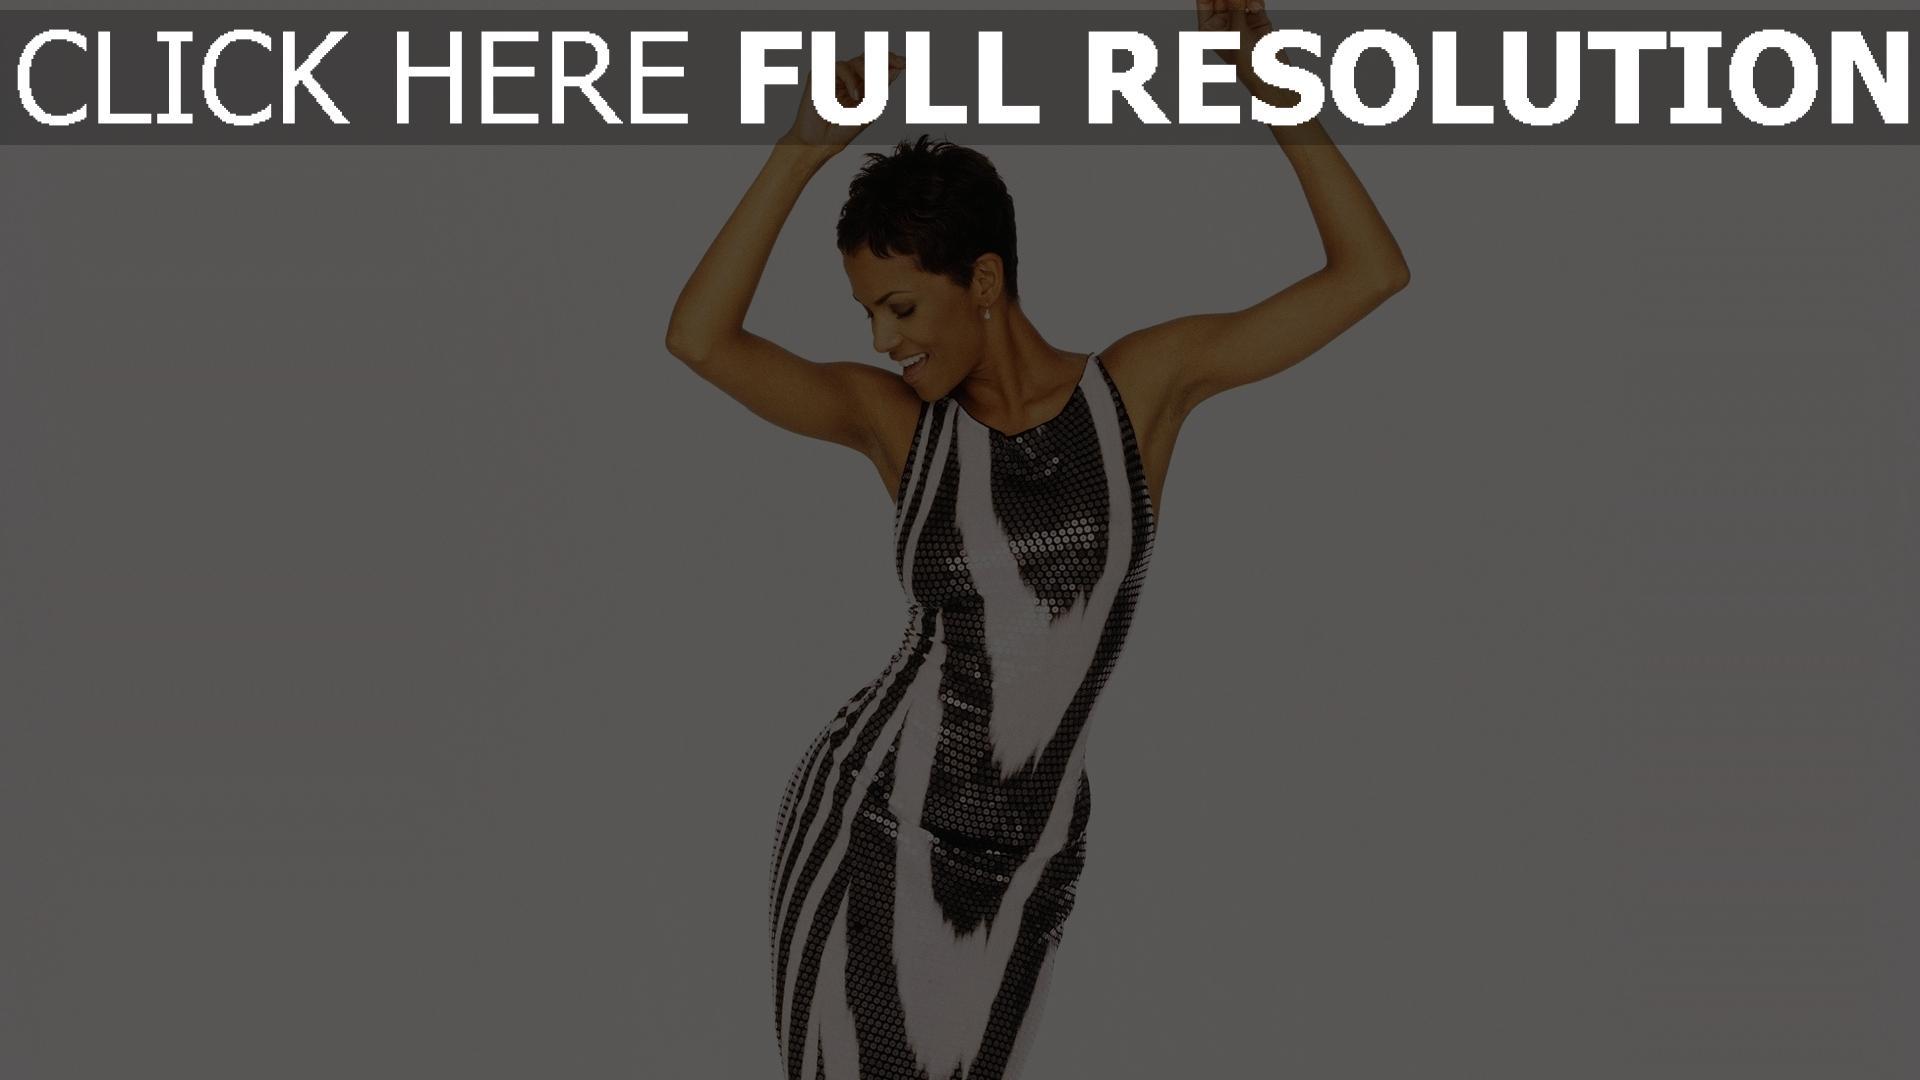 fond d'écran 1920x1080 halle berry robe brillante danse geste actrice